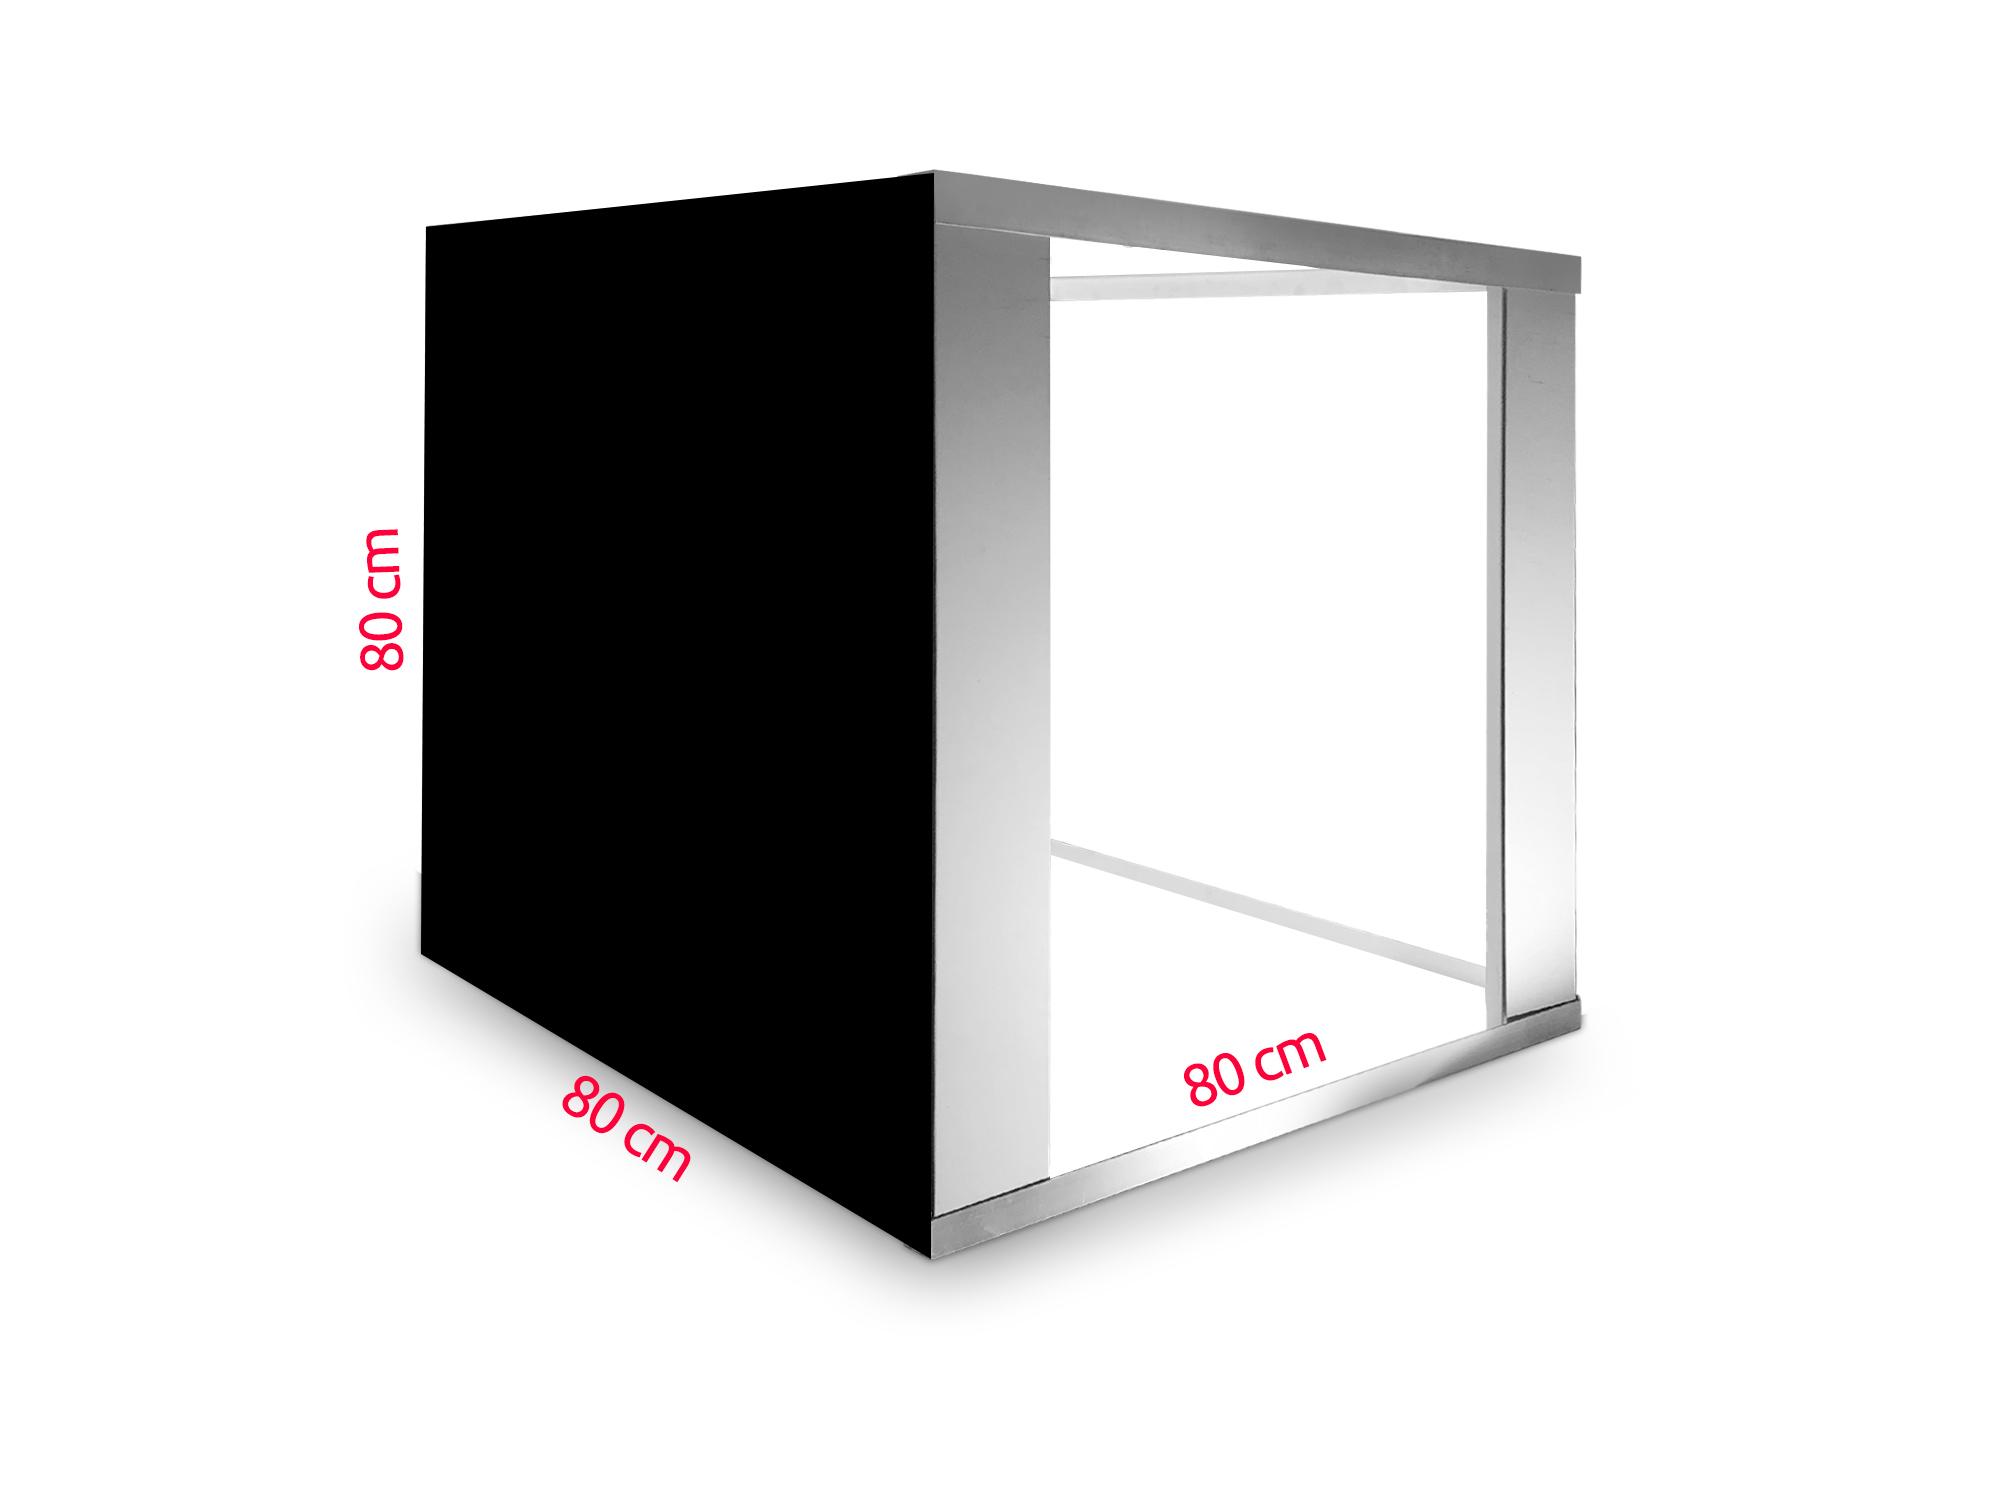 fotobox-f80 Fotobox Pro F80